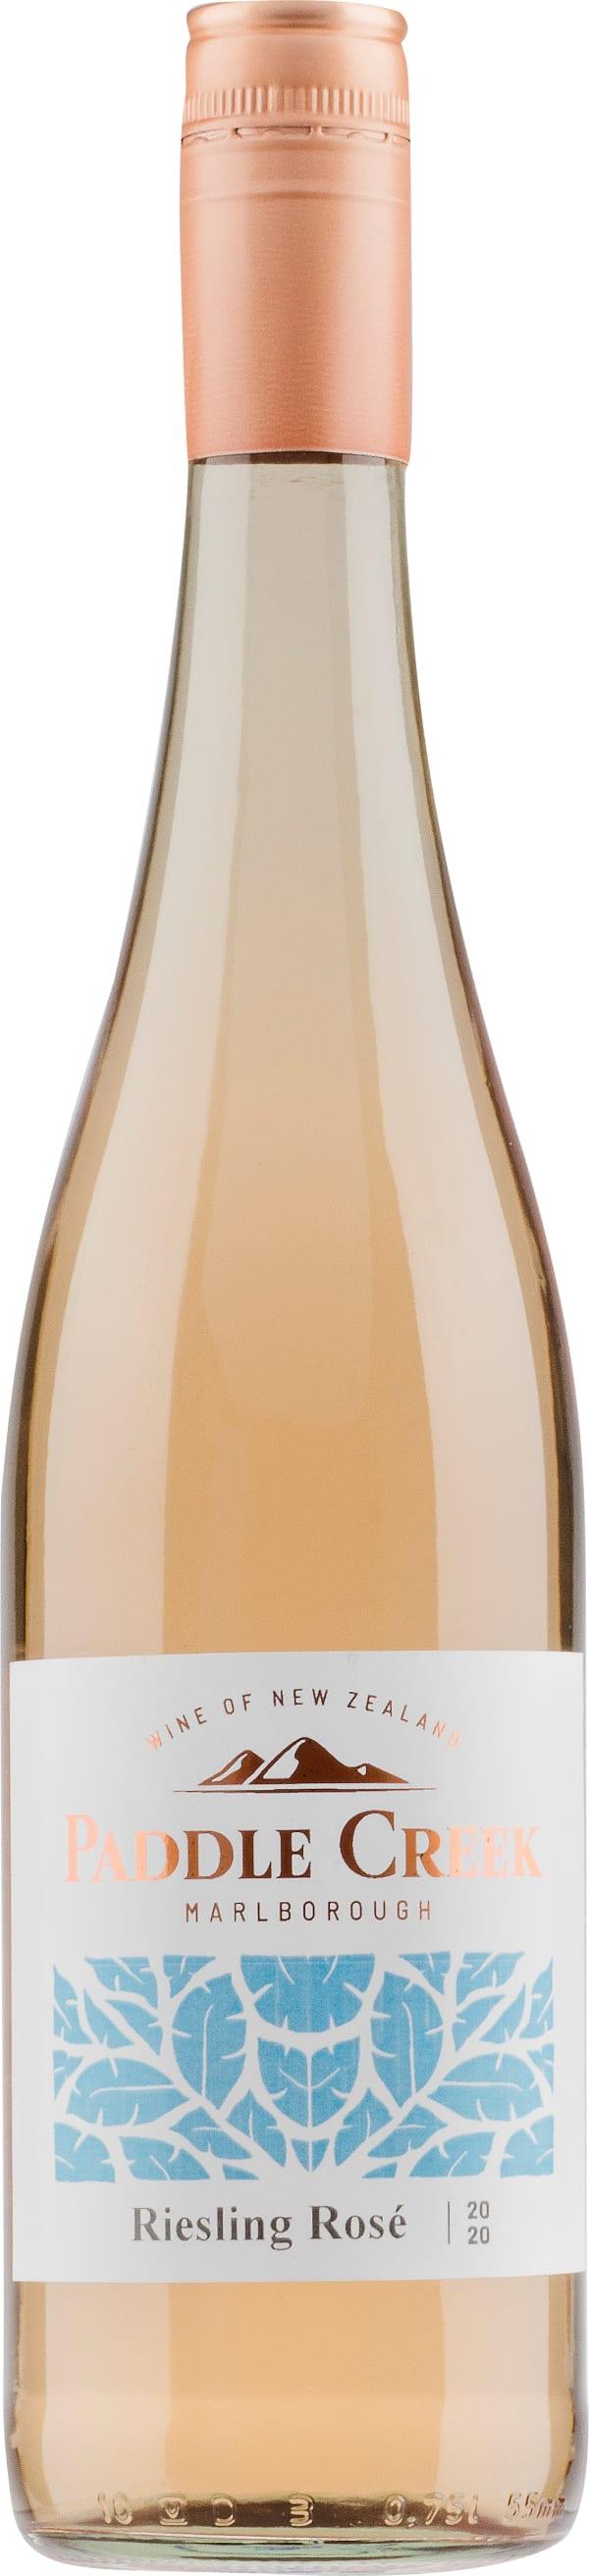 Paddle Creek Riesling Rosé 2020